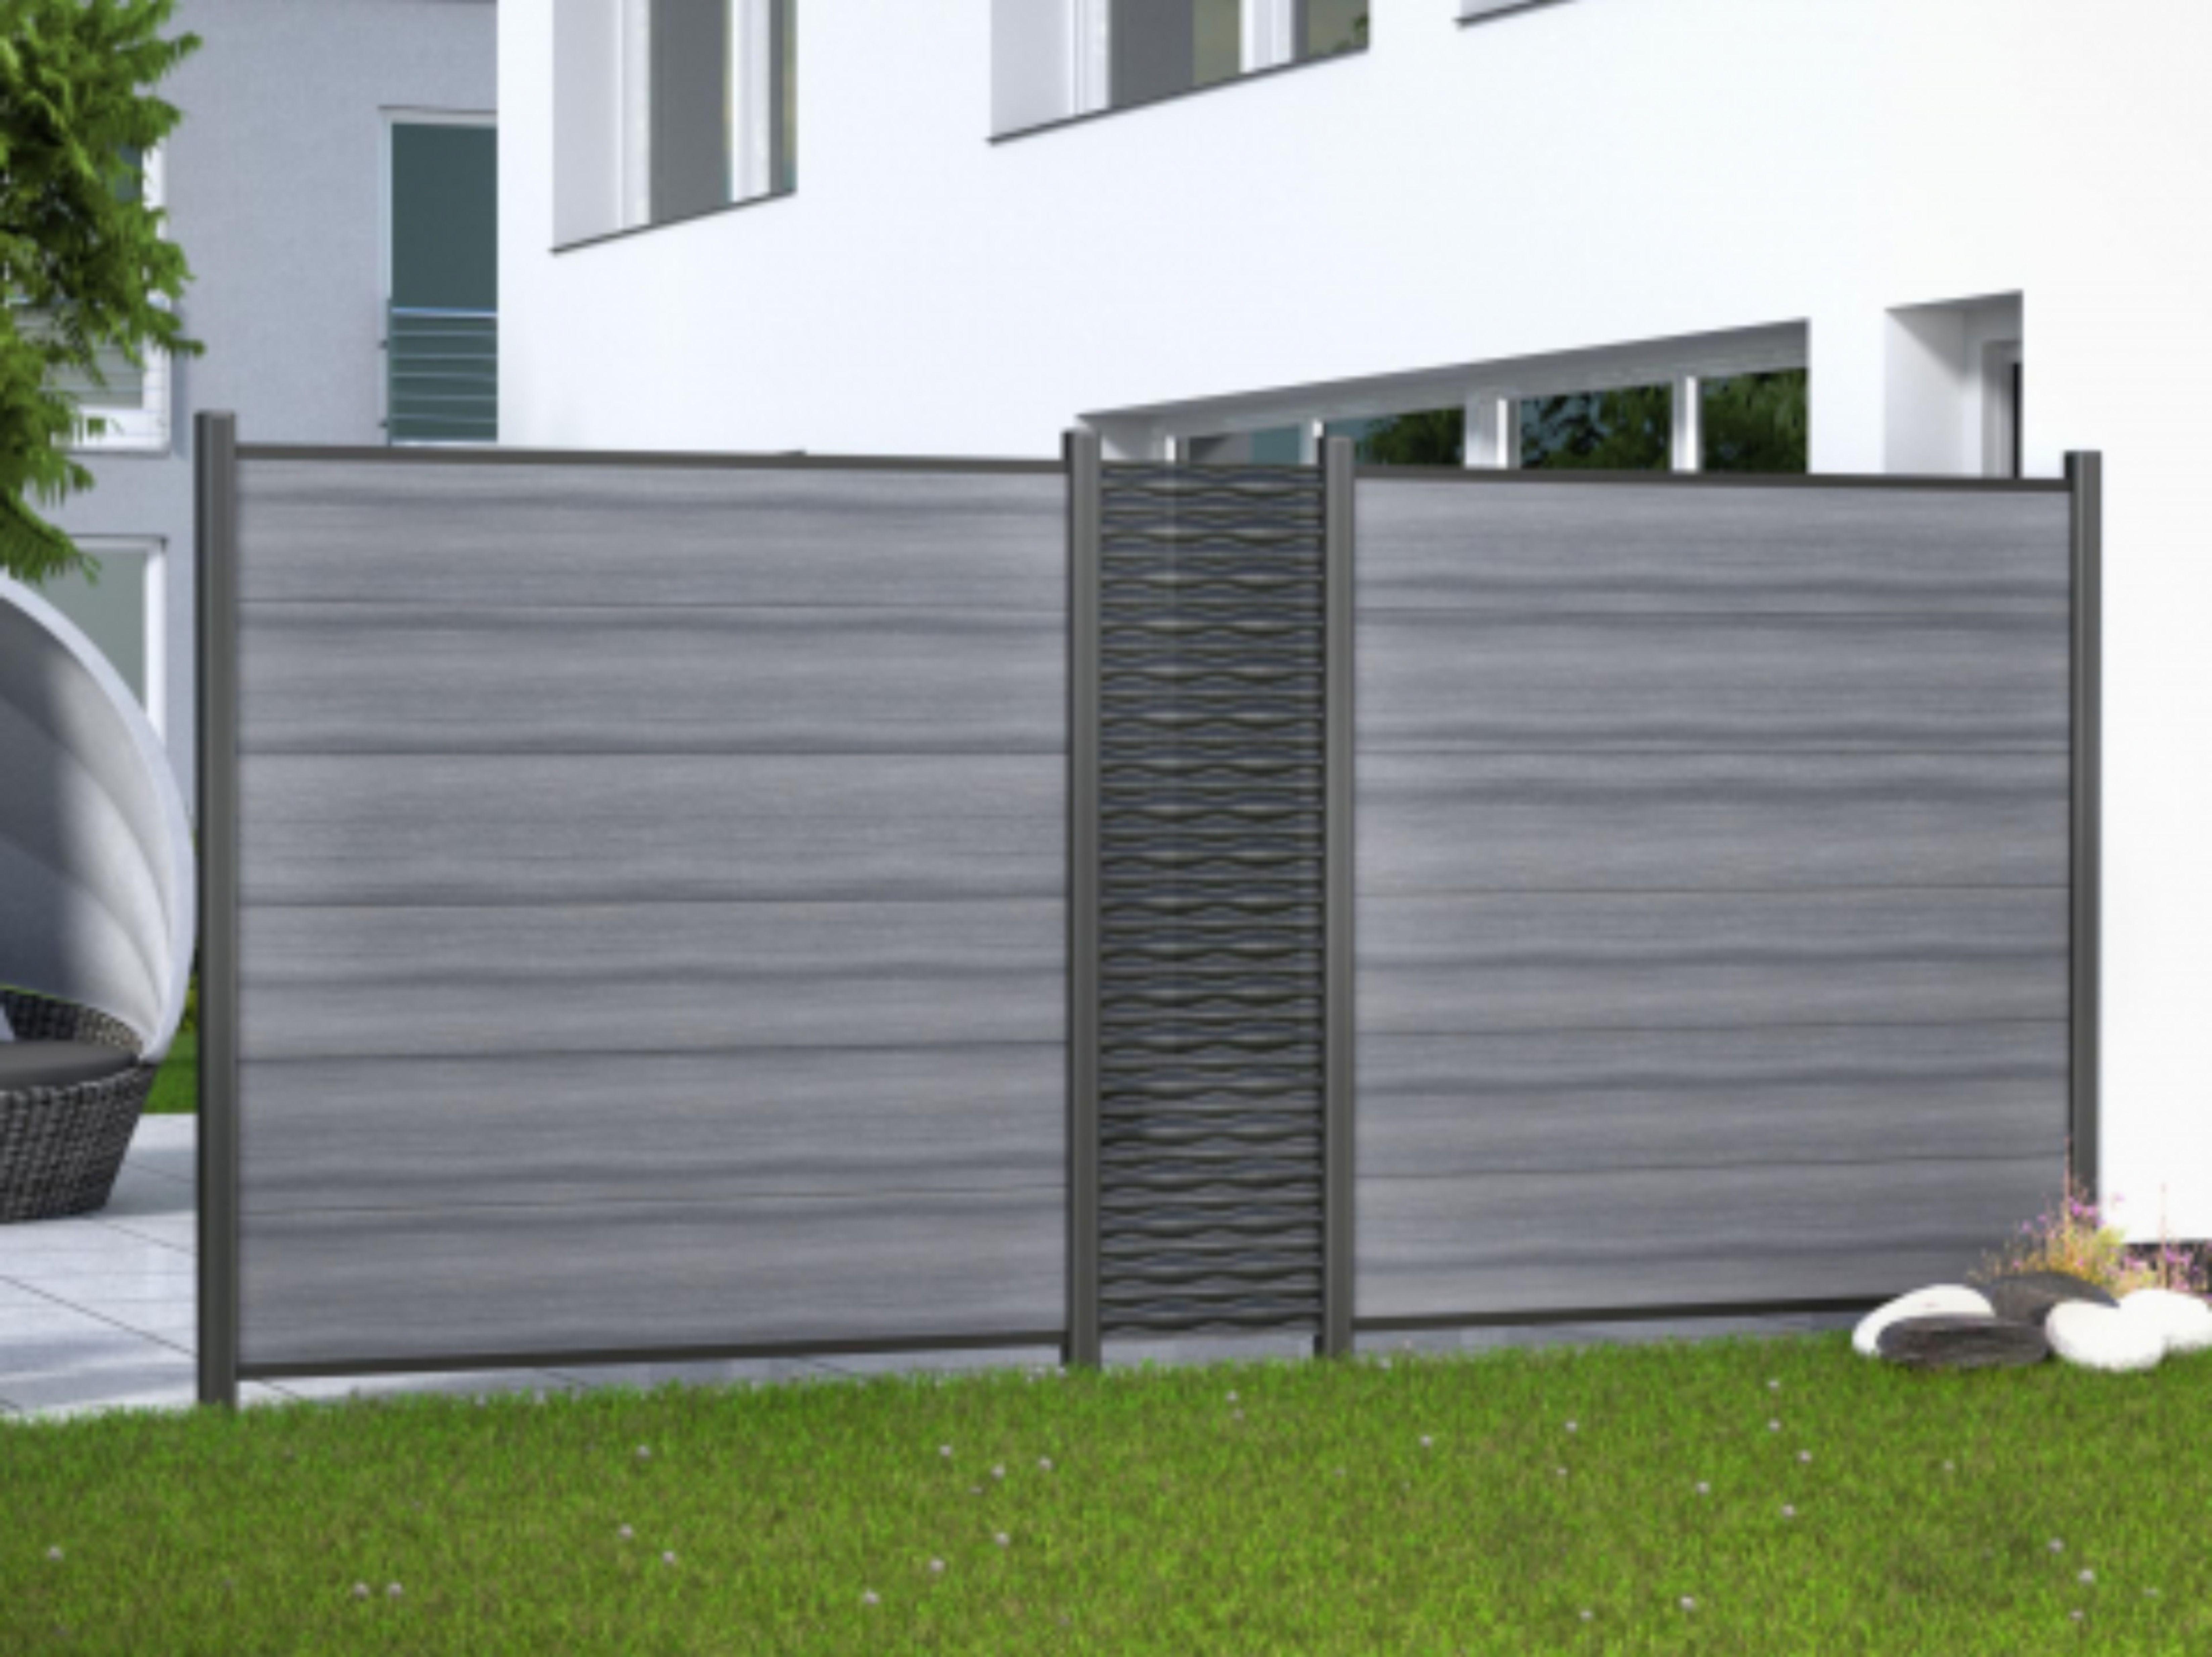 System Wpc Platinum Mit Dekorprofilen Sichtschutzwande Wpc Zaun Dekor